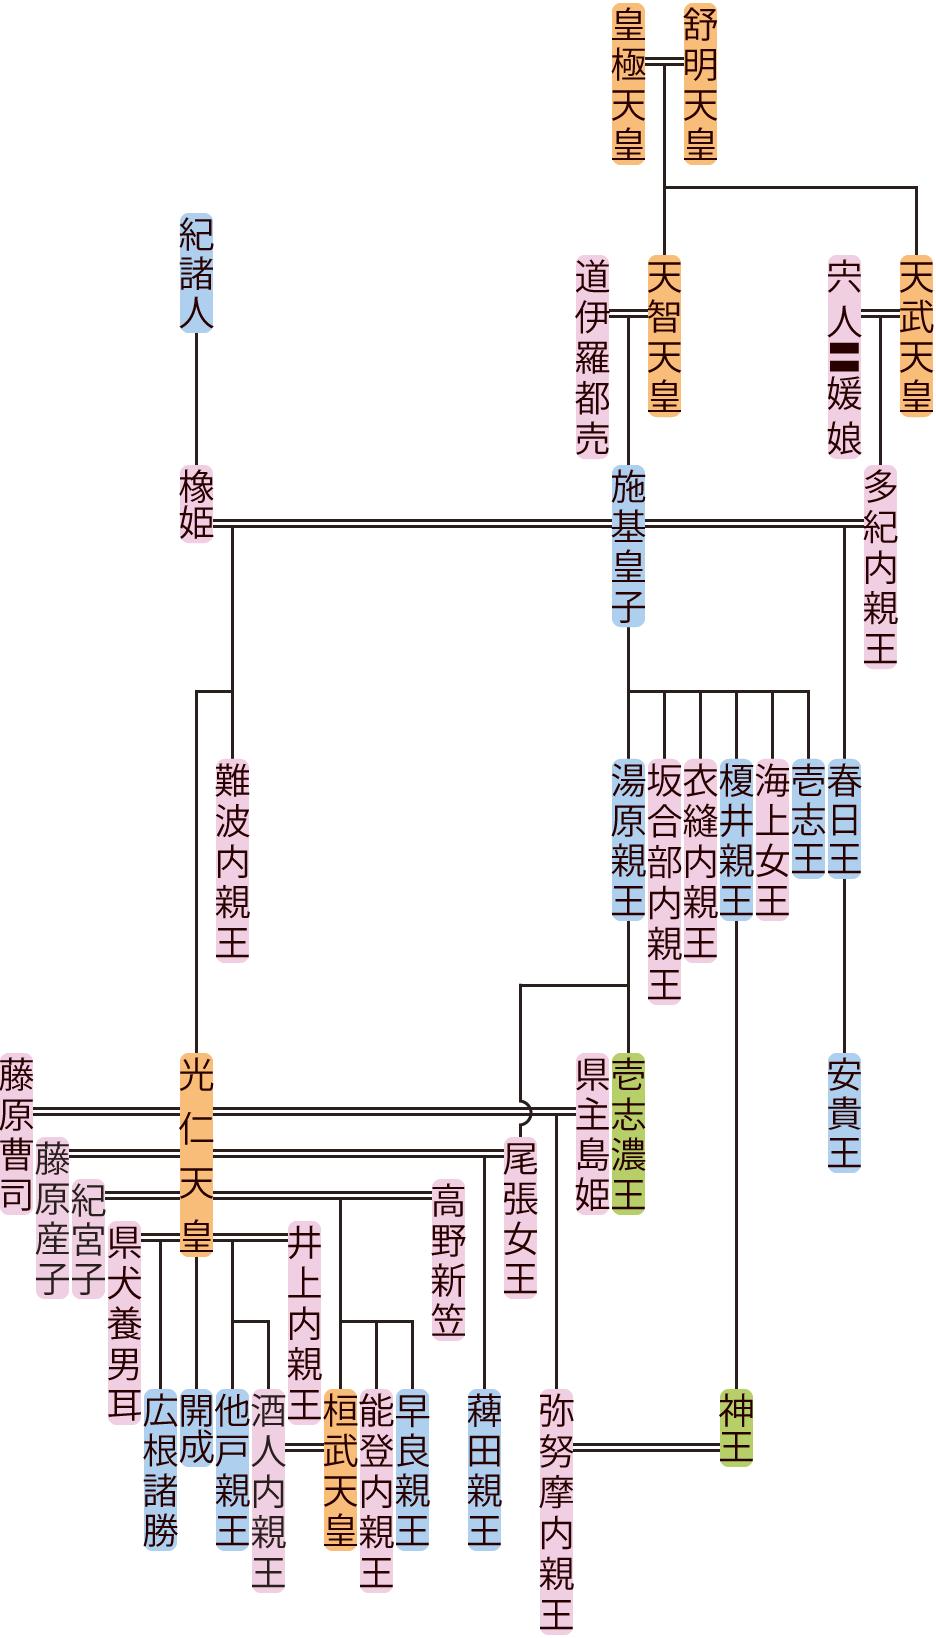 施基皇子の系図